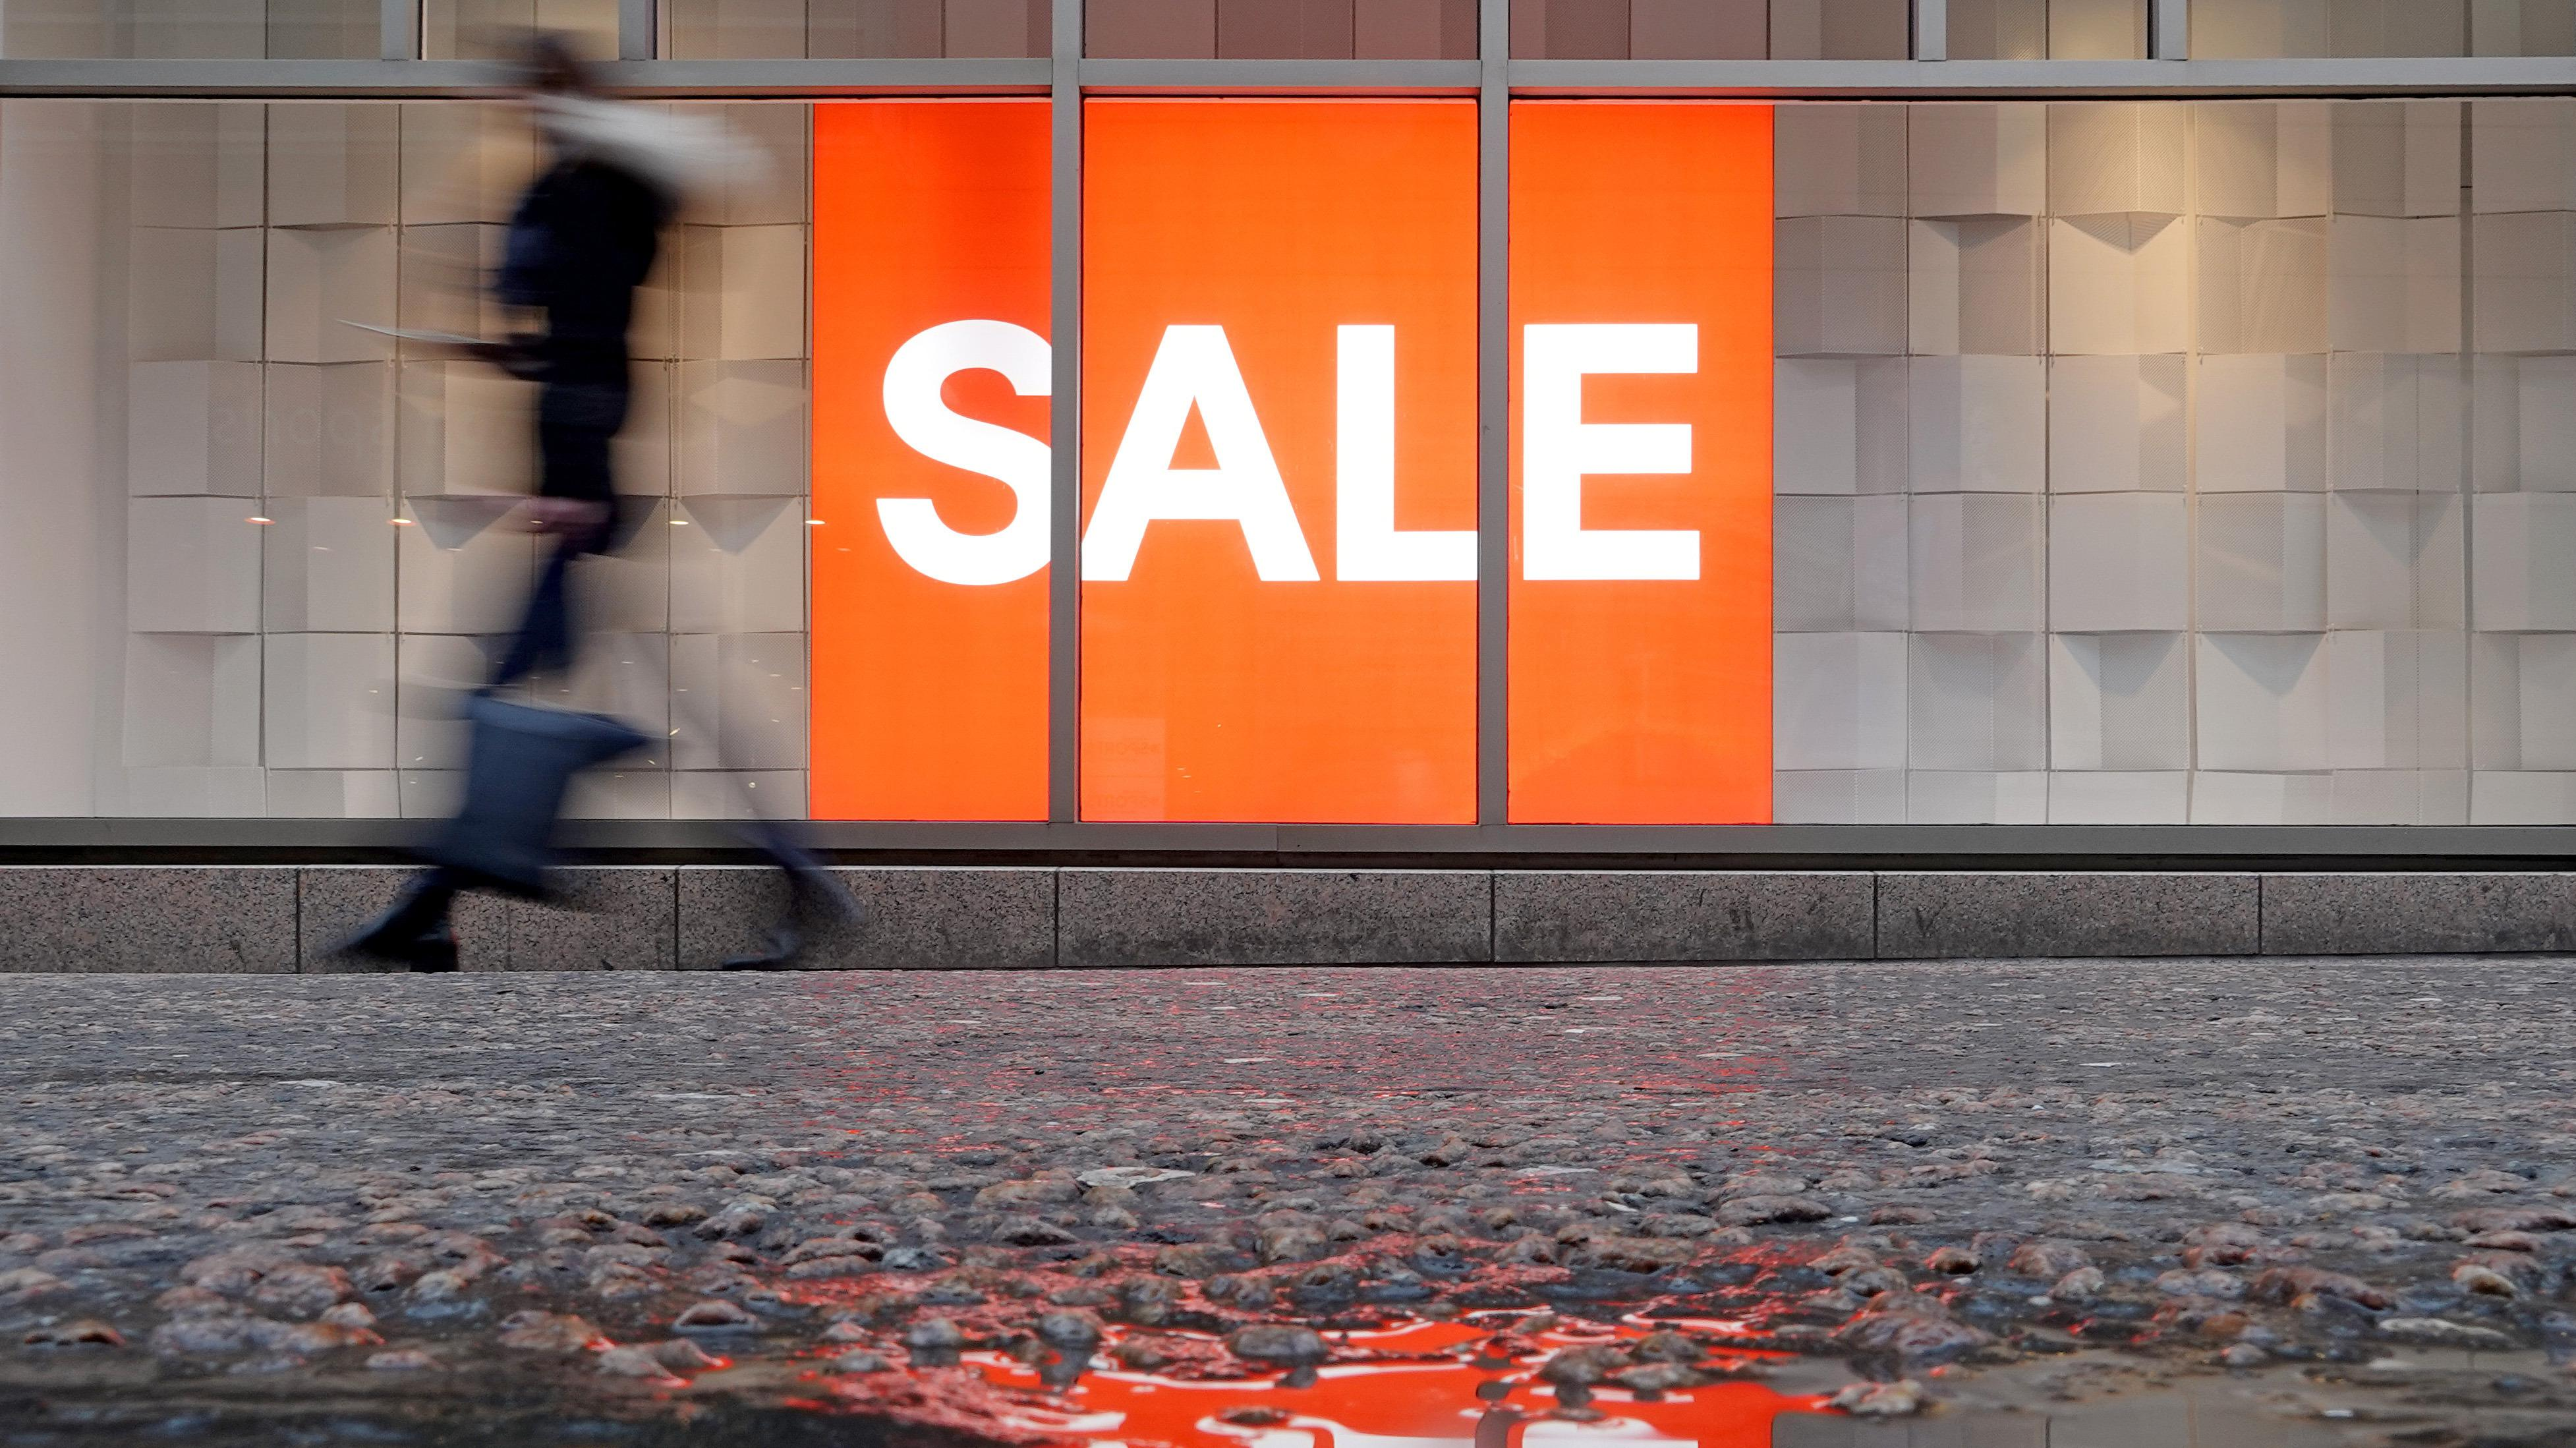 Eine Frau geht vor einem Schaufenster mit Sale-Schild vorbei